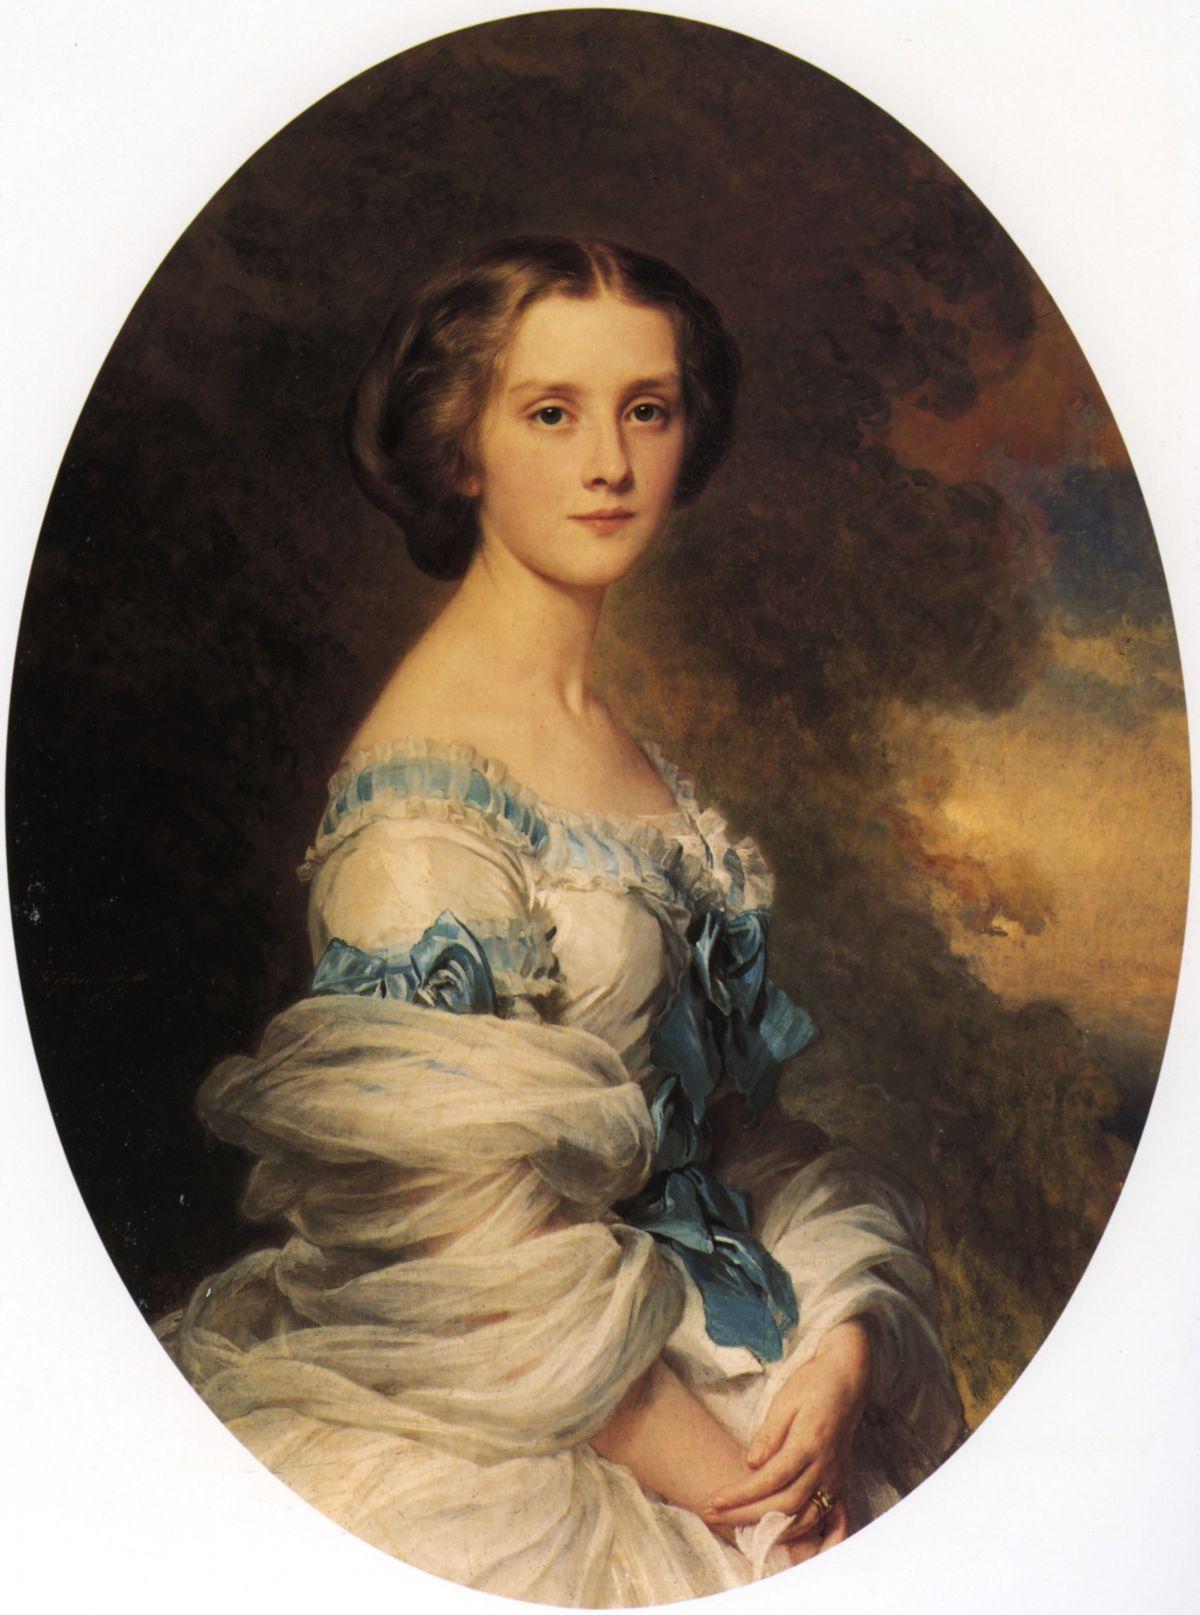 Melanie de Bussiere Comtesse Edmond de Pourtales by Franz Xavier Winterhalter